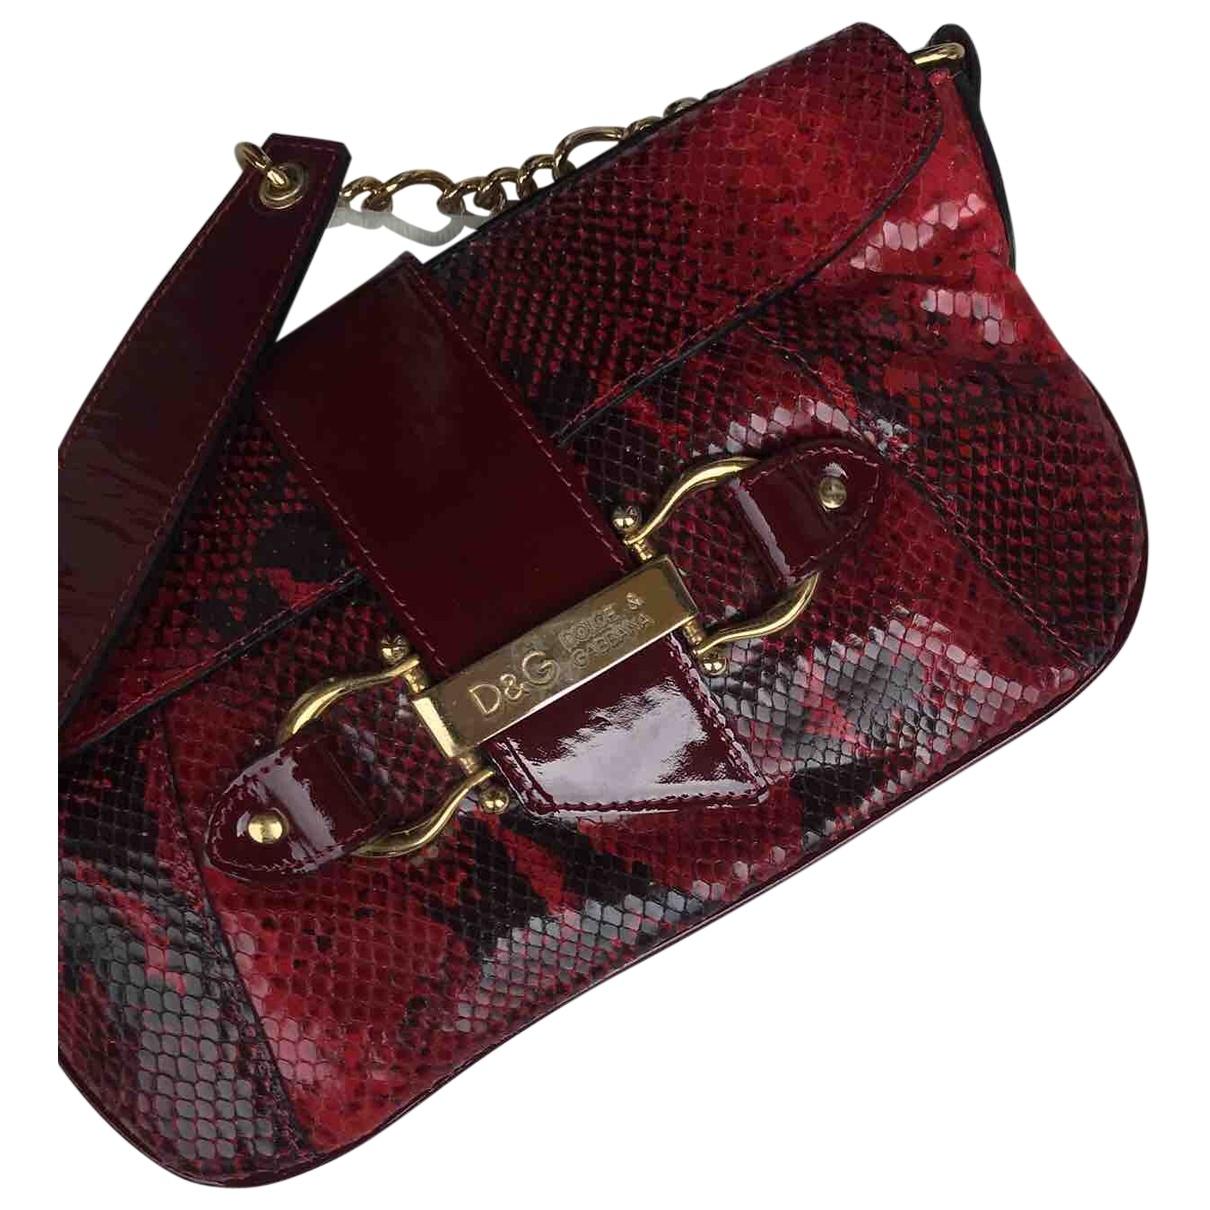 D&g \N Red Leather handbag for Women \N